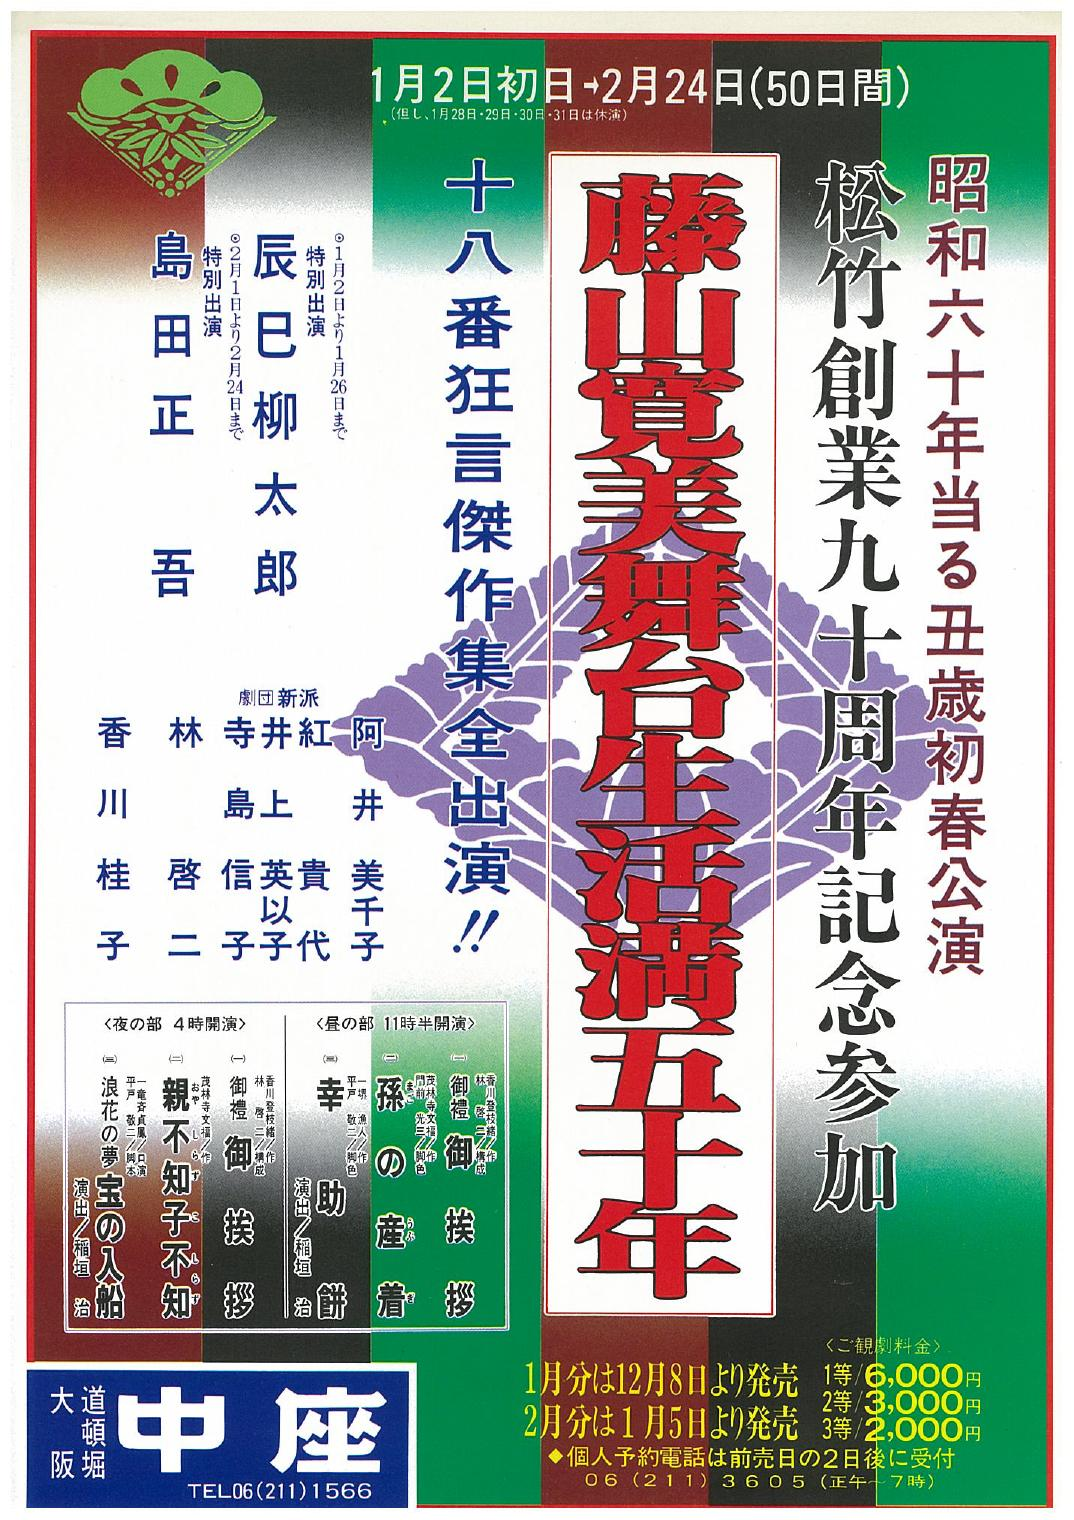 【中座】藤山寛美舞台生活満五十年 50日間公演